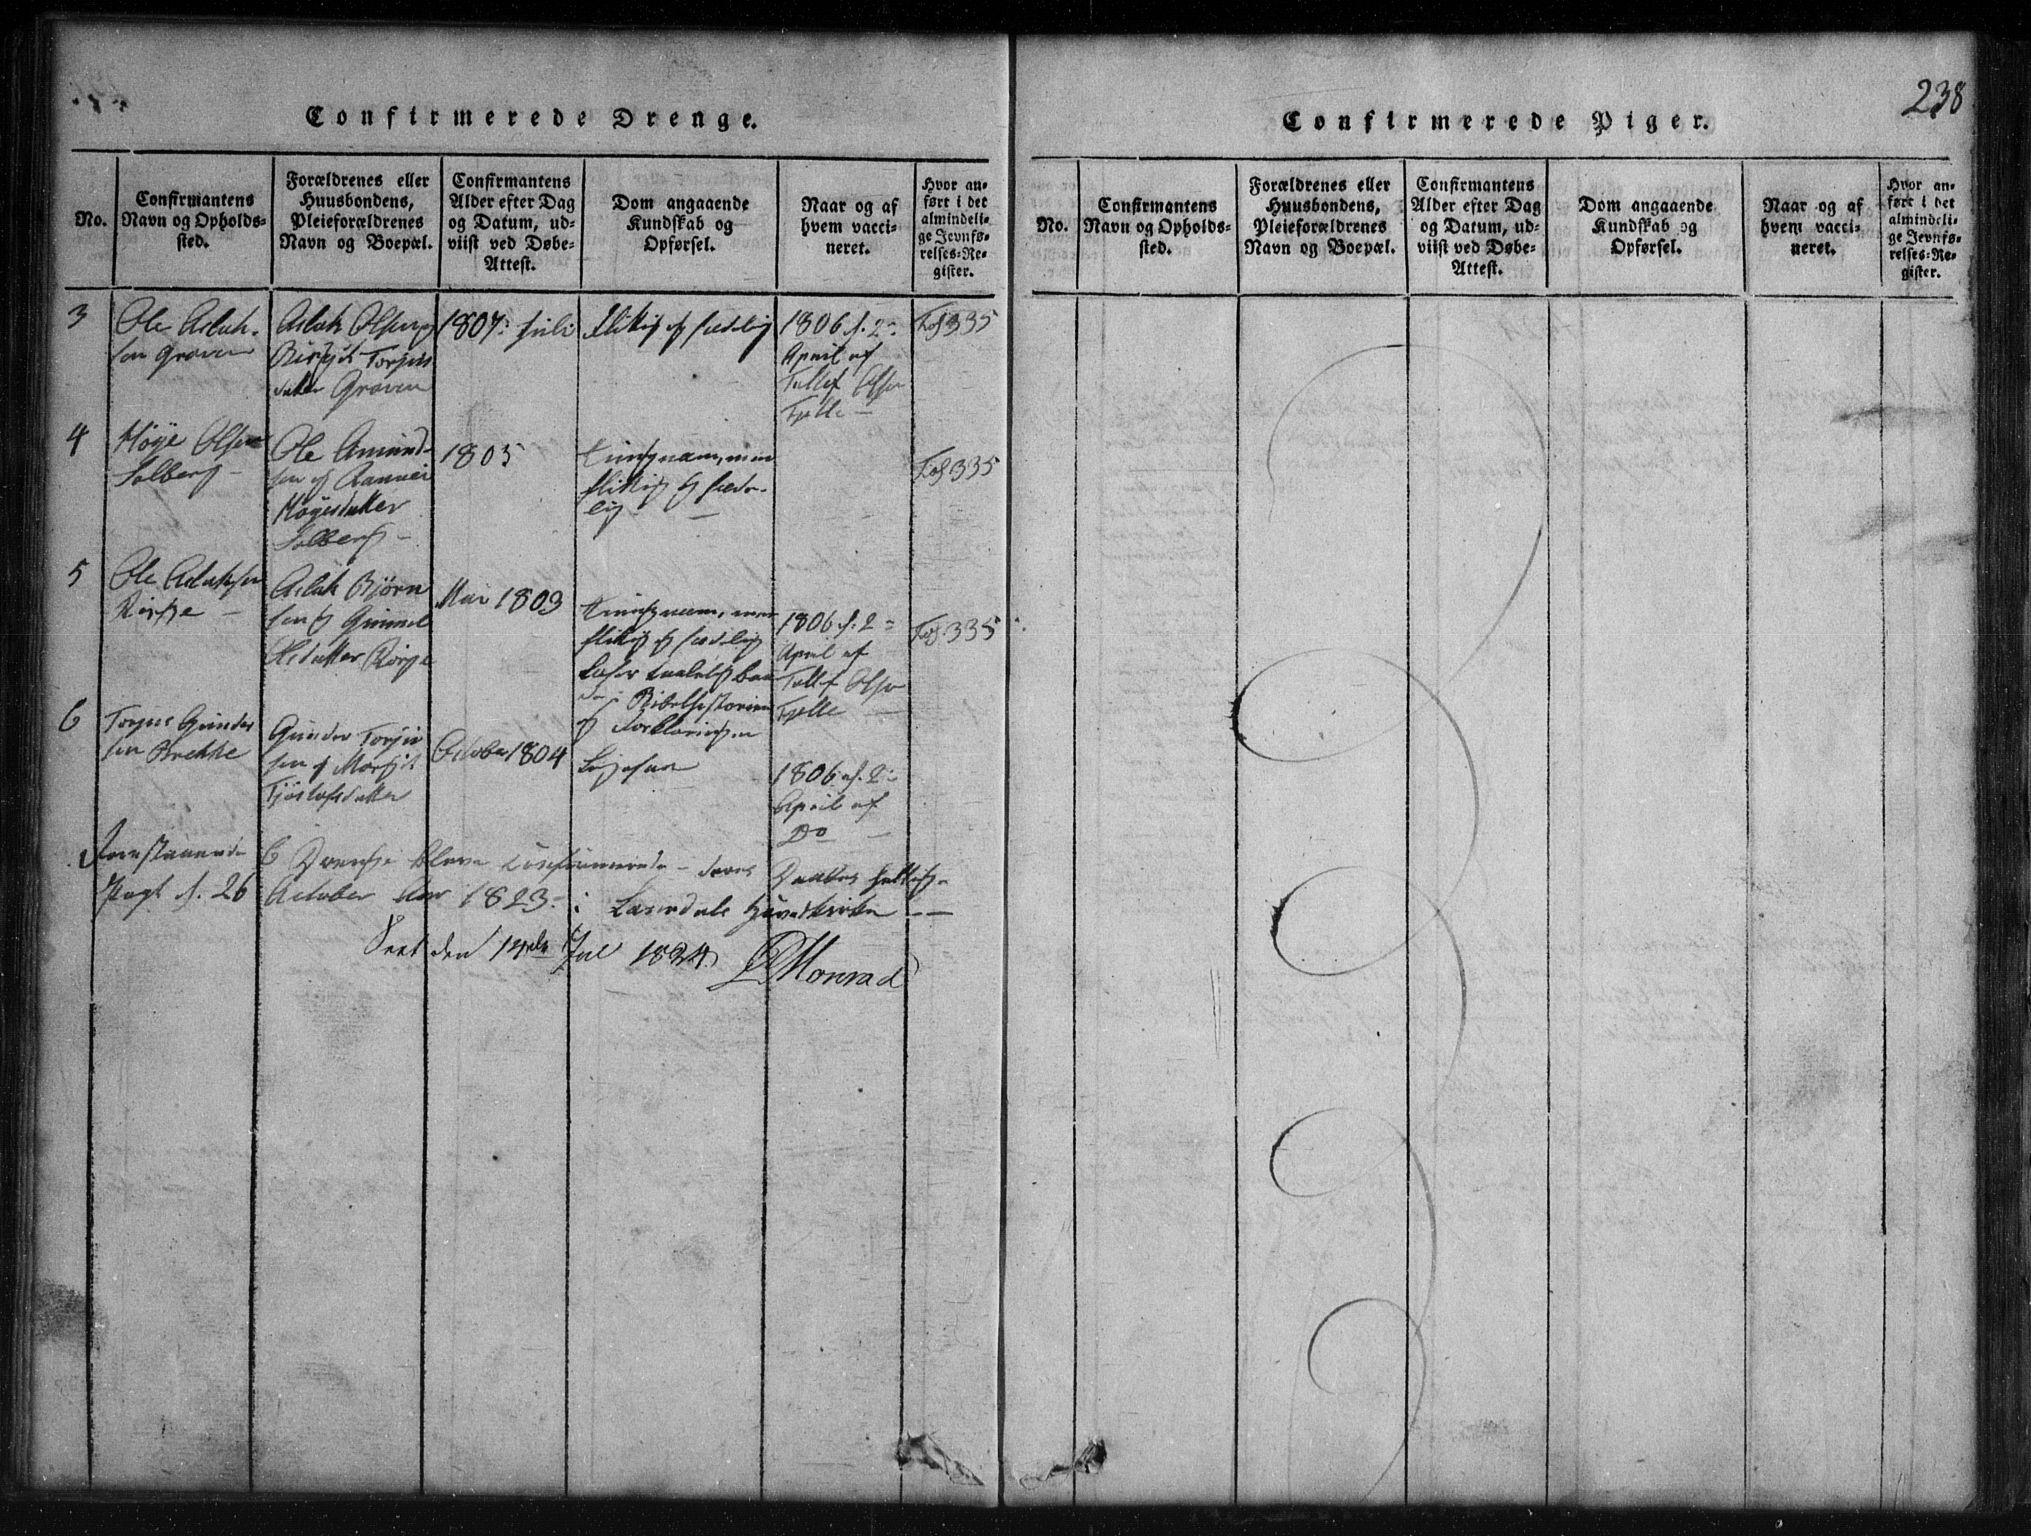 SAKO, Rauland kirkebøker, G/Gb/L0001: Klokkerbok nr. II 1, 1815-1886, s. 238